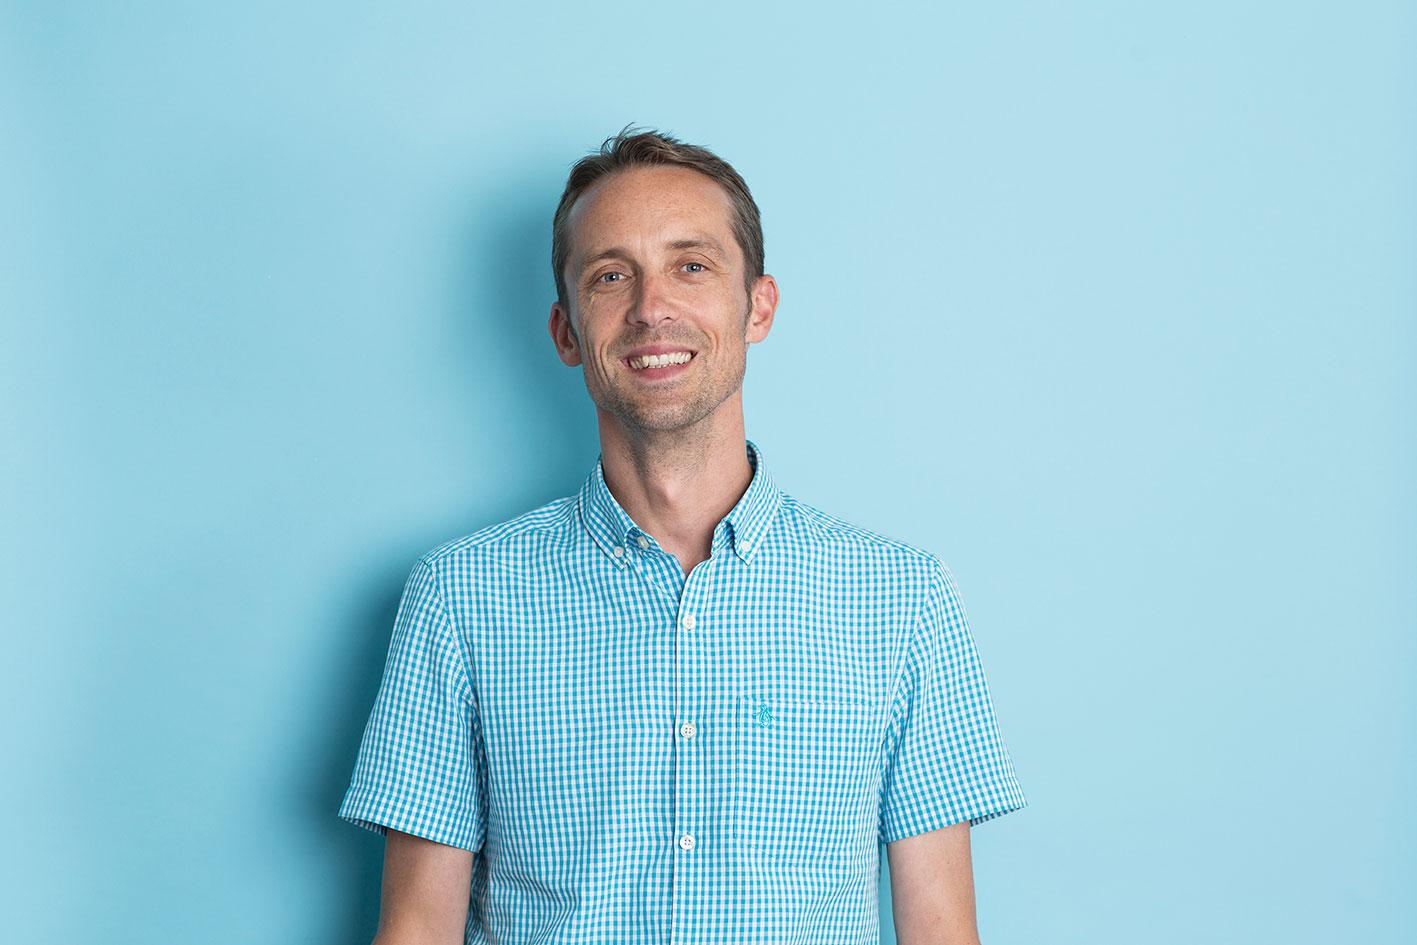 Christian Tait graphic designer